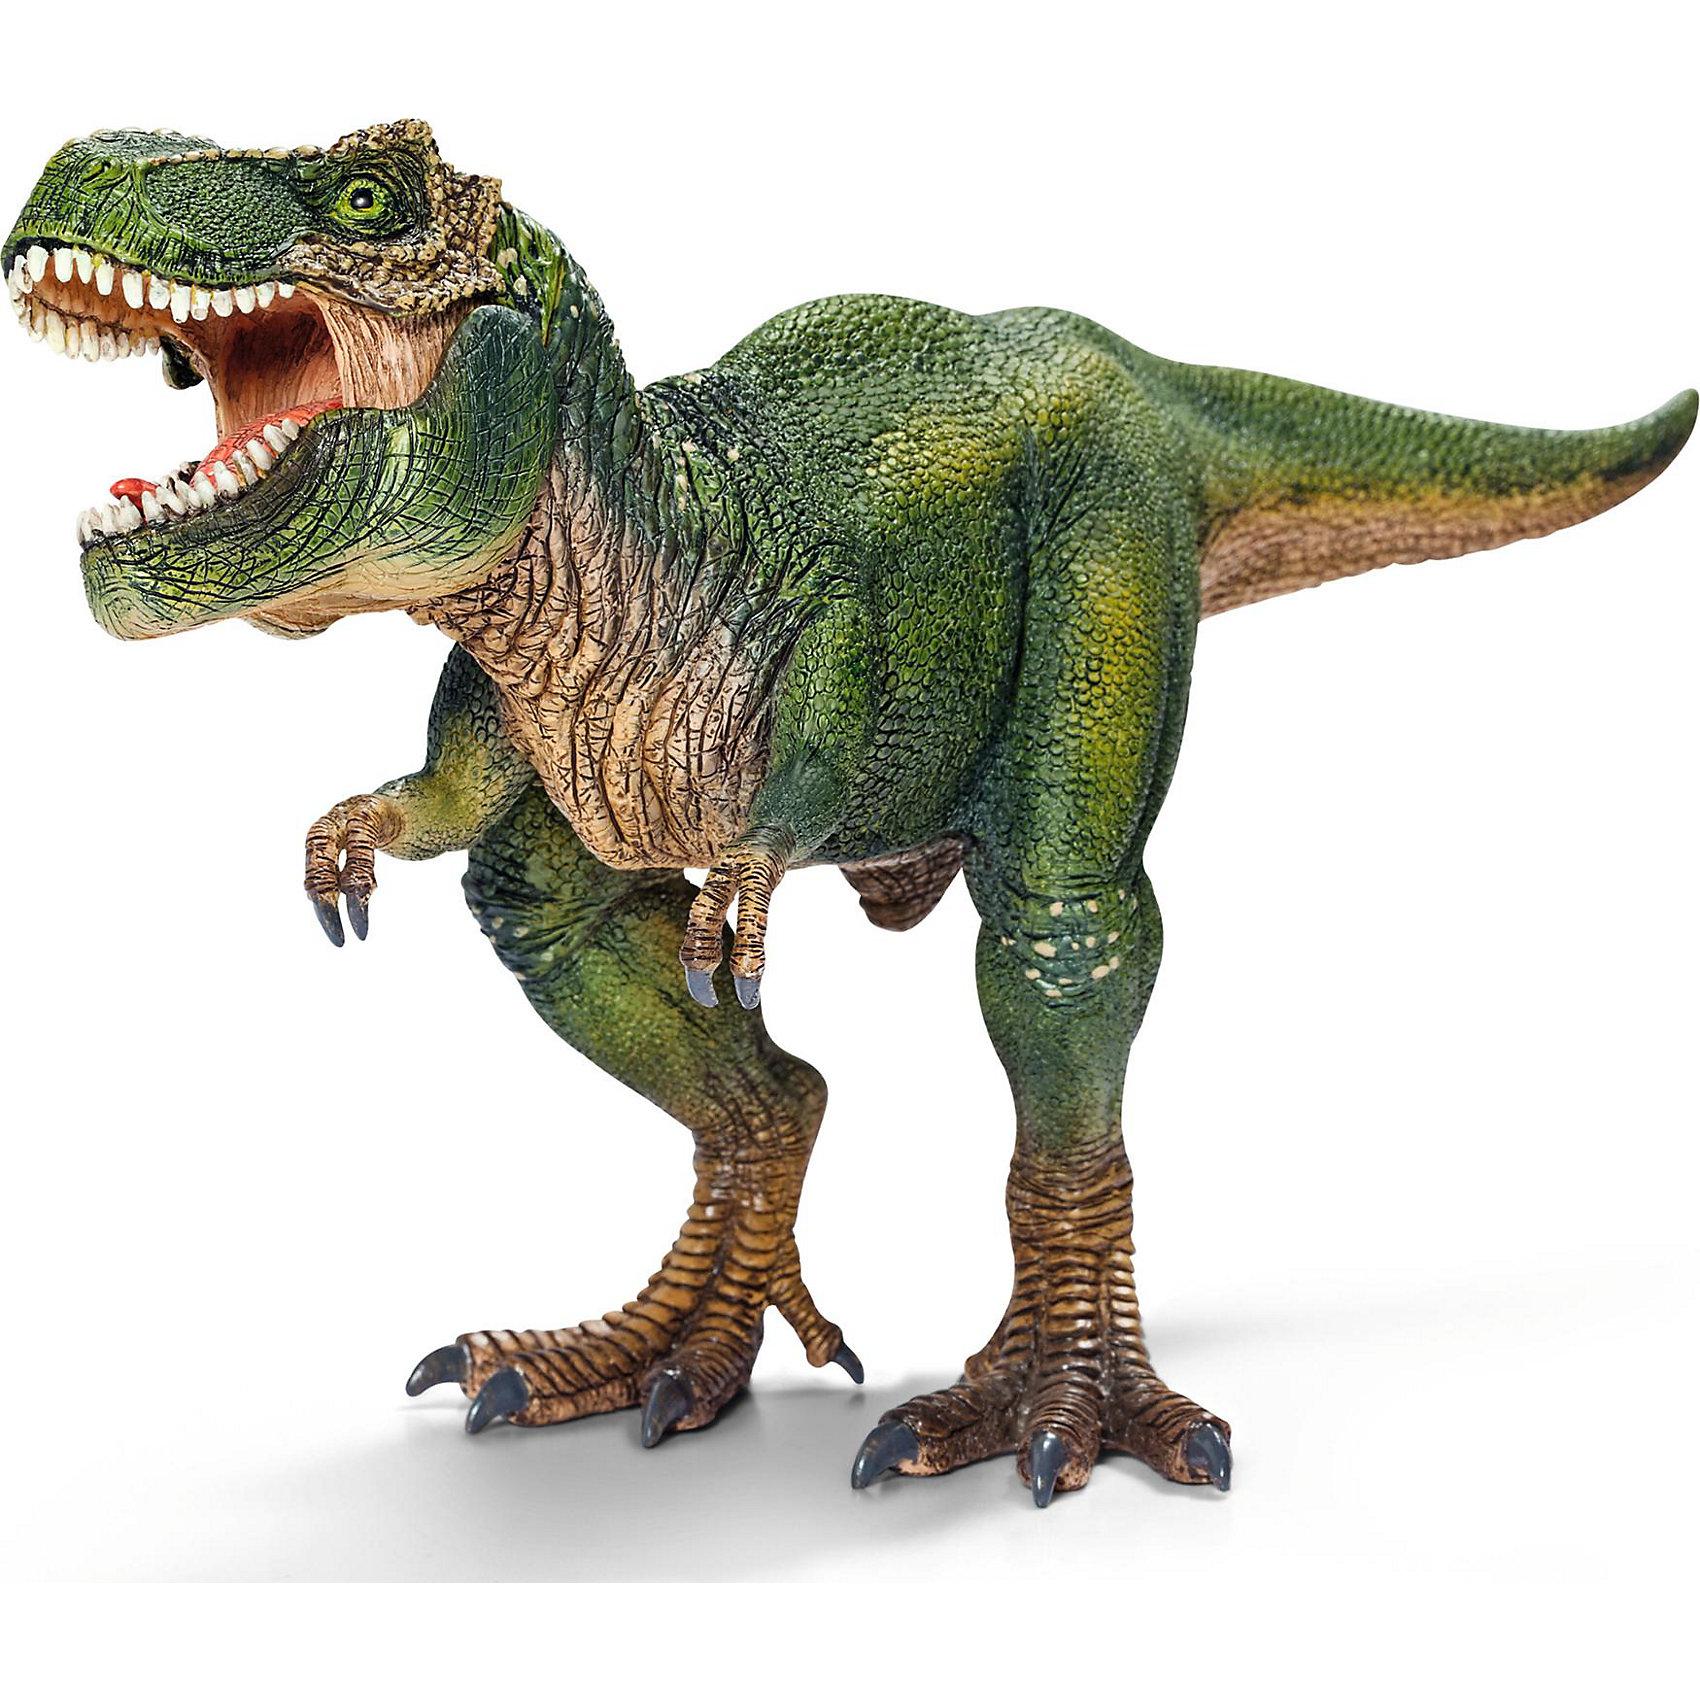 Тиранозавр Рекс, SchleichДраконы и динозавры<br>Тираннозавр Рекс — самый крупный из всех известных динозавров. <br><br>Благодаря высокой детализации игрушка дает точную информацию о внешнем виде животного. А подвижная нижняя челюсть у этой фигурки динозавра предоставляет еще больше игровых возможностей.<br><br>Тираннозавр Рекс — самый известный ящер-титан. Именно его чаще всего делают героем фильмов про динозавров. И хотя его скорость бега равна человеческой, но от столь искусного хищника не могли защититься даже другие динозавры. Тираннозавр Рекс без труда передвигался на задних лапах, имел самый сильный укус и питался плотью существ, живших в последней четверти мелового периода. А свой огромный и тяжелый хвост он использовал и как средство защиты, и как балансир при перемещении.<br><br>Дополнительная информация:<br><br>- Крупный размер: 28,0 ? 9,5 ? 14,0 см<br>- Высокая степень детализации<br>- Игрушка имеет подвижную нижнюю челюсть!<br>- Материал: каучуковый пластик<br><br>Тираннозавра Рекс, Schleich (Шляйх) можно купить в нашем магазине.<br><br>Ширина мм: 277<br>Глубина мм: 141<br>Высота мм: 69<br>Вес г: 288<br>Возраст от месяцев: 36<br>Возраст до месяцев: 96<br>Пол: Мужской<br>Возраст: Детский<br>SKU: 2445907